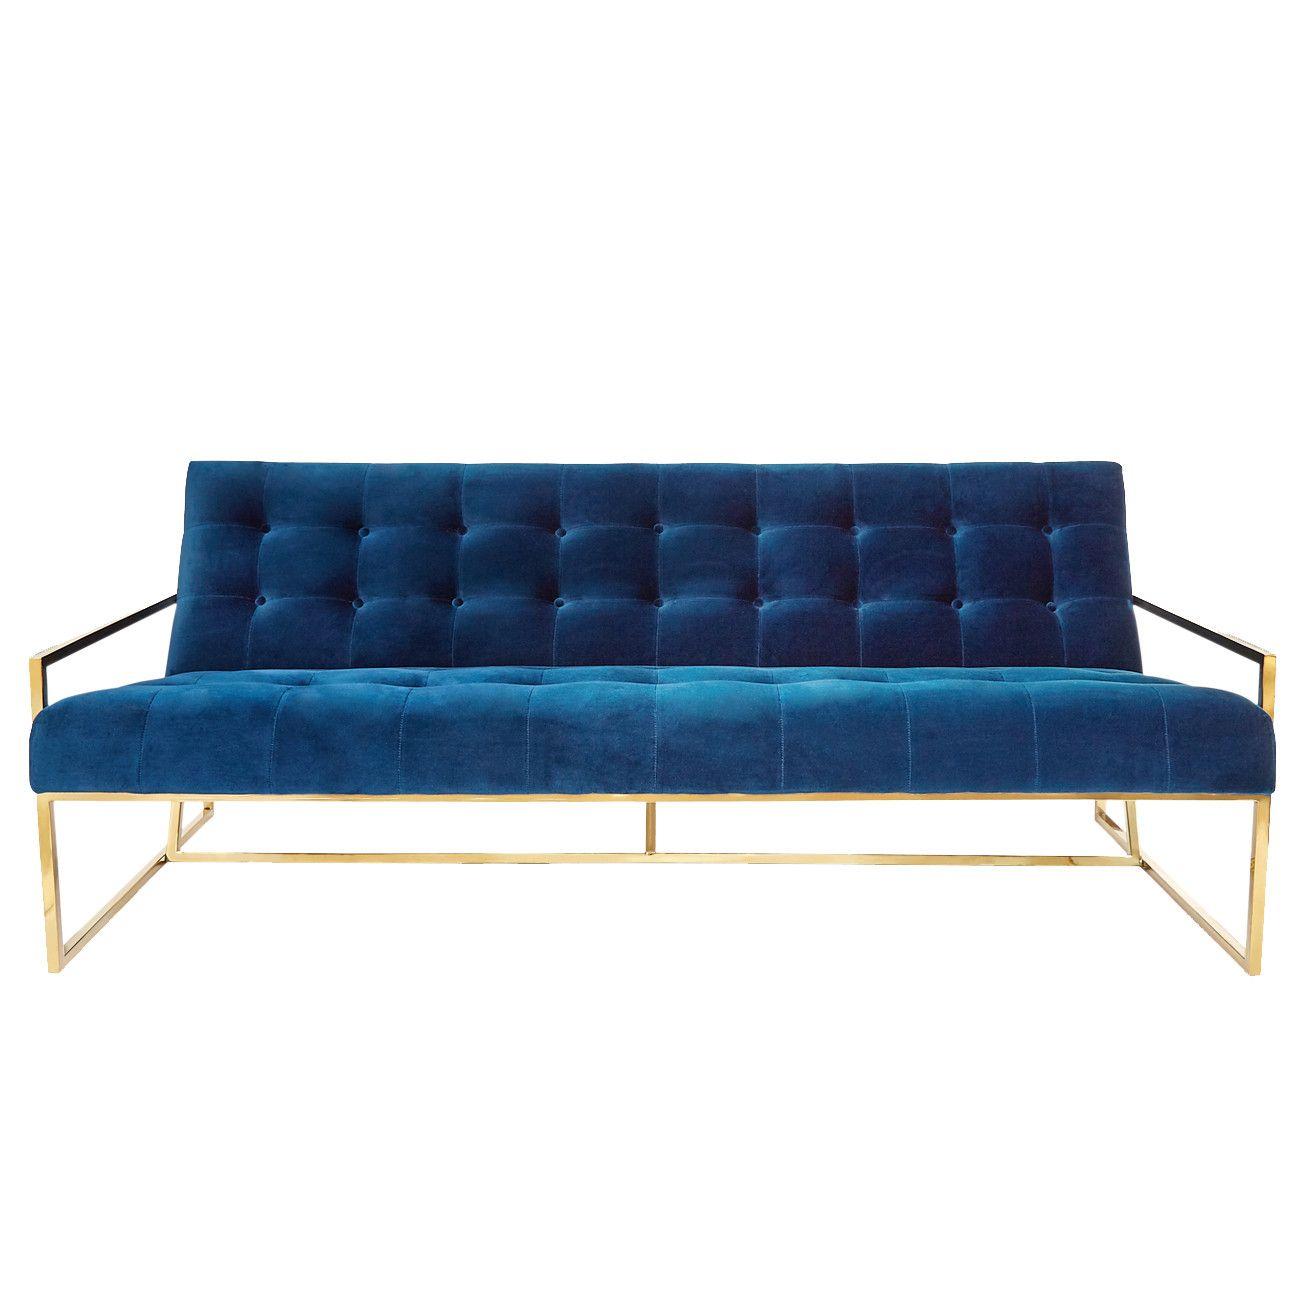 New Furniture   Goldfinger Apartment Sofa, Jonathan Adler